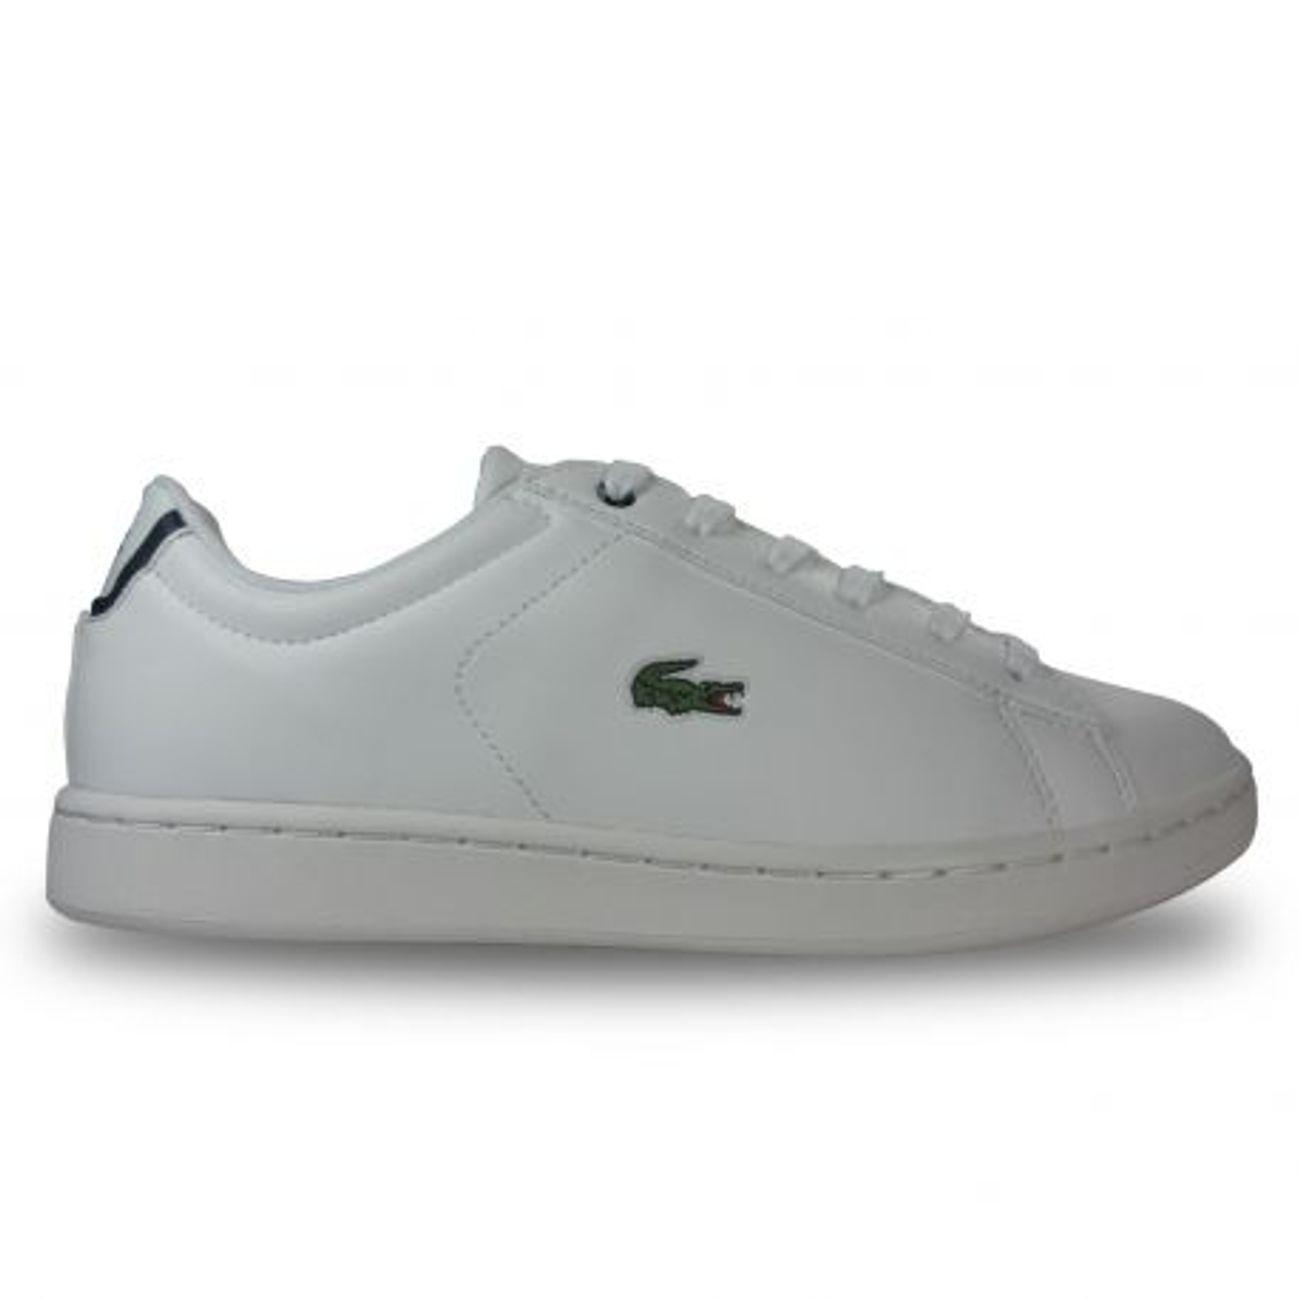 25667d6e08 Mode- Lifestyle enfant LACOSTE Chaussure enfant Carnaby Evo Spc Lacoste ...